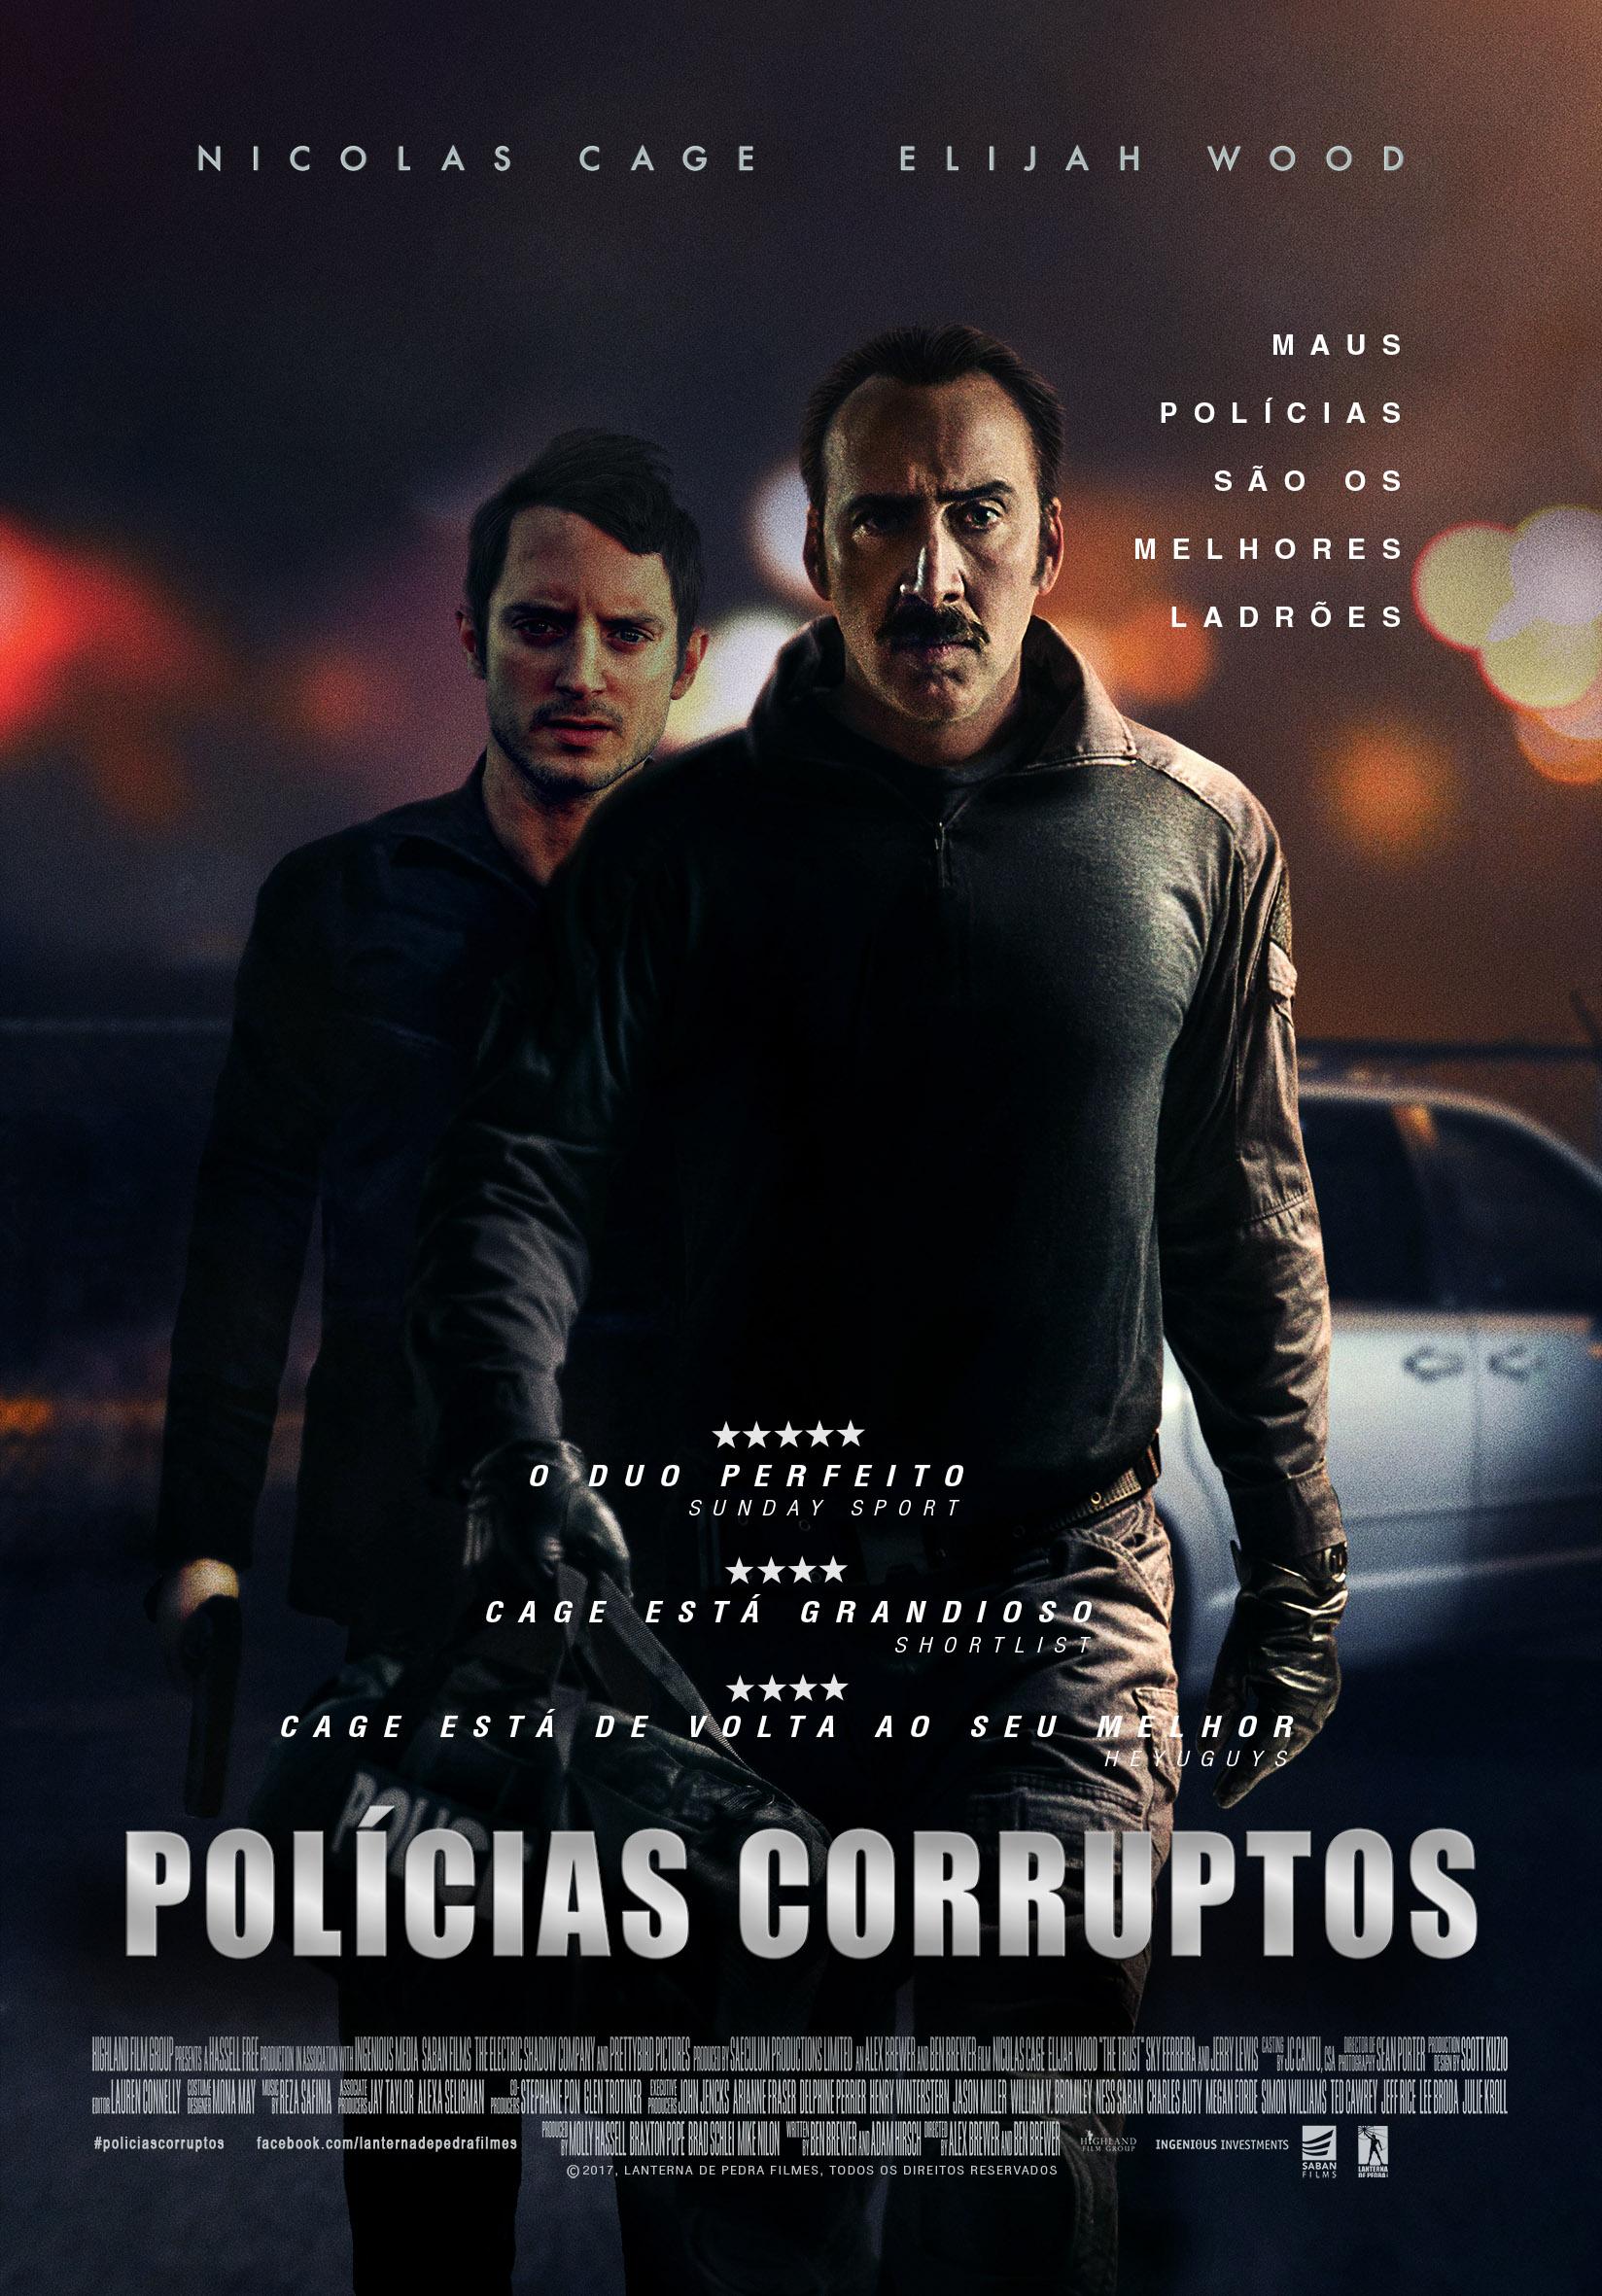 Filmes De Comedia Dos Anos 80 within polícias corruptos - cinecartaz